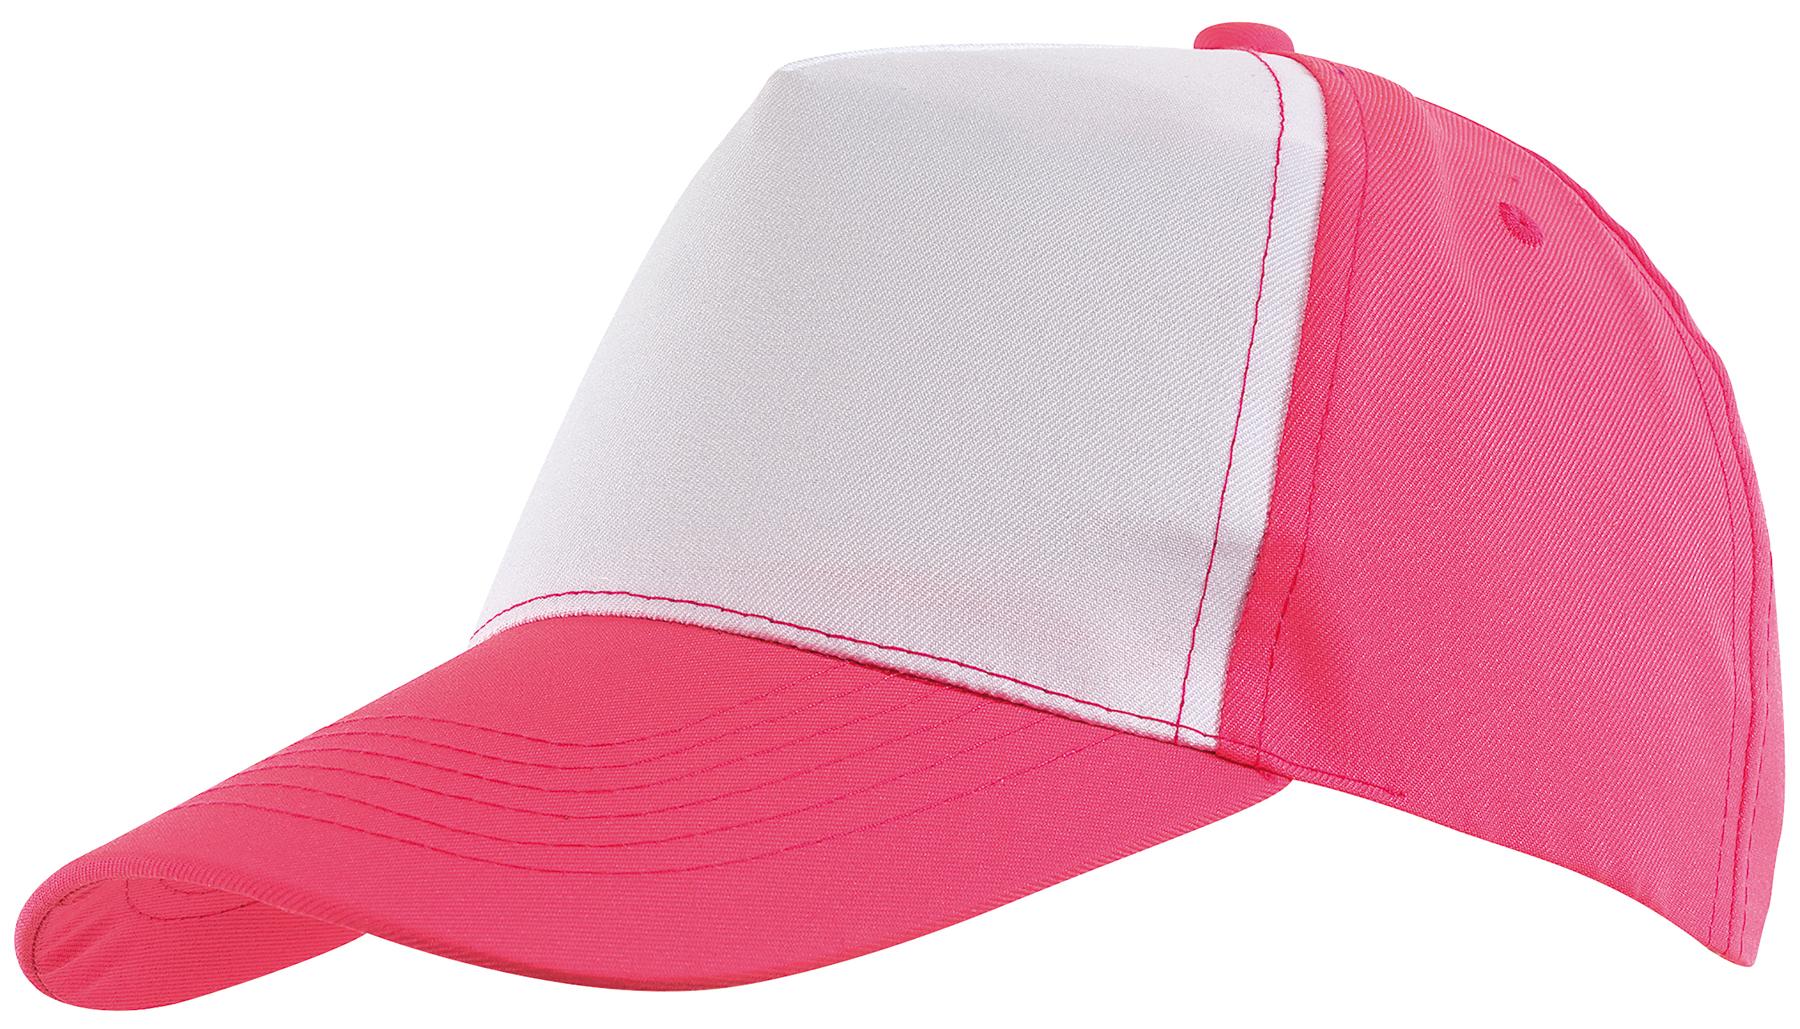 5 segmentowa czapka SHINY, biały, różowy